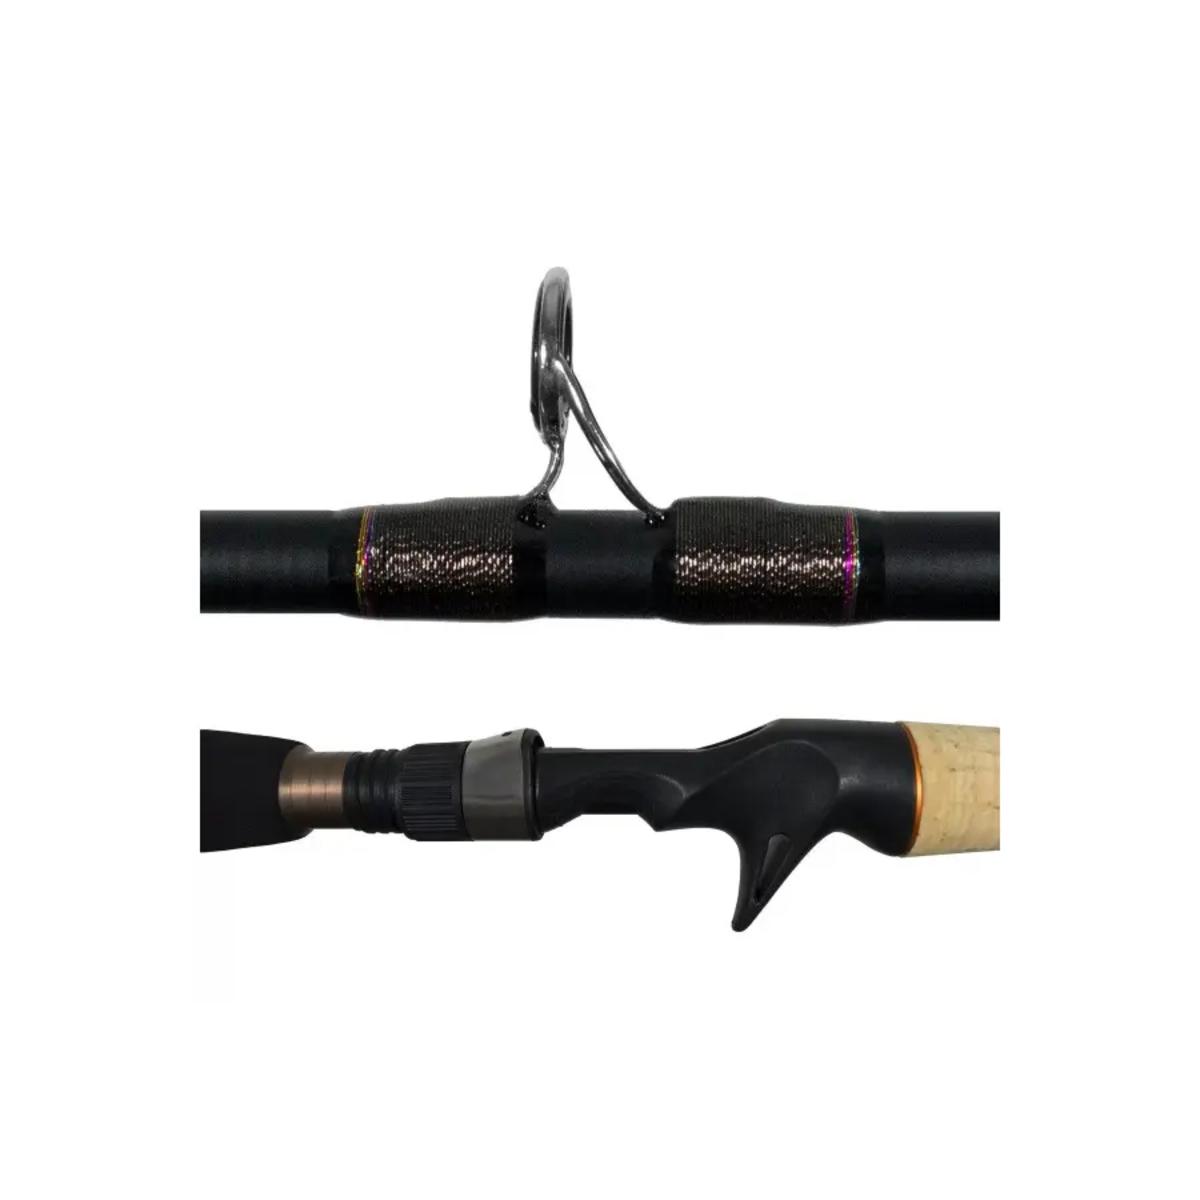 Vara Lumis Virotty 602 (1,83m) 8-17lb 2 Partes Carretilha  - Pesca Adventure